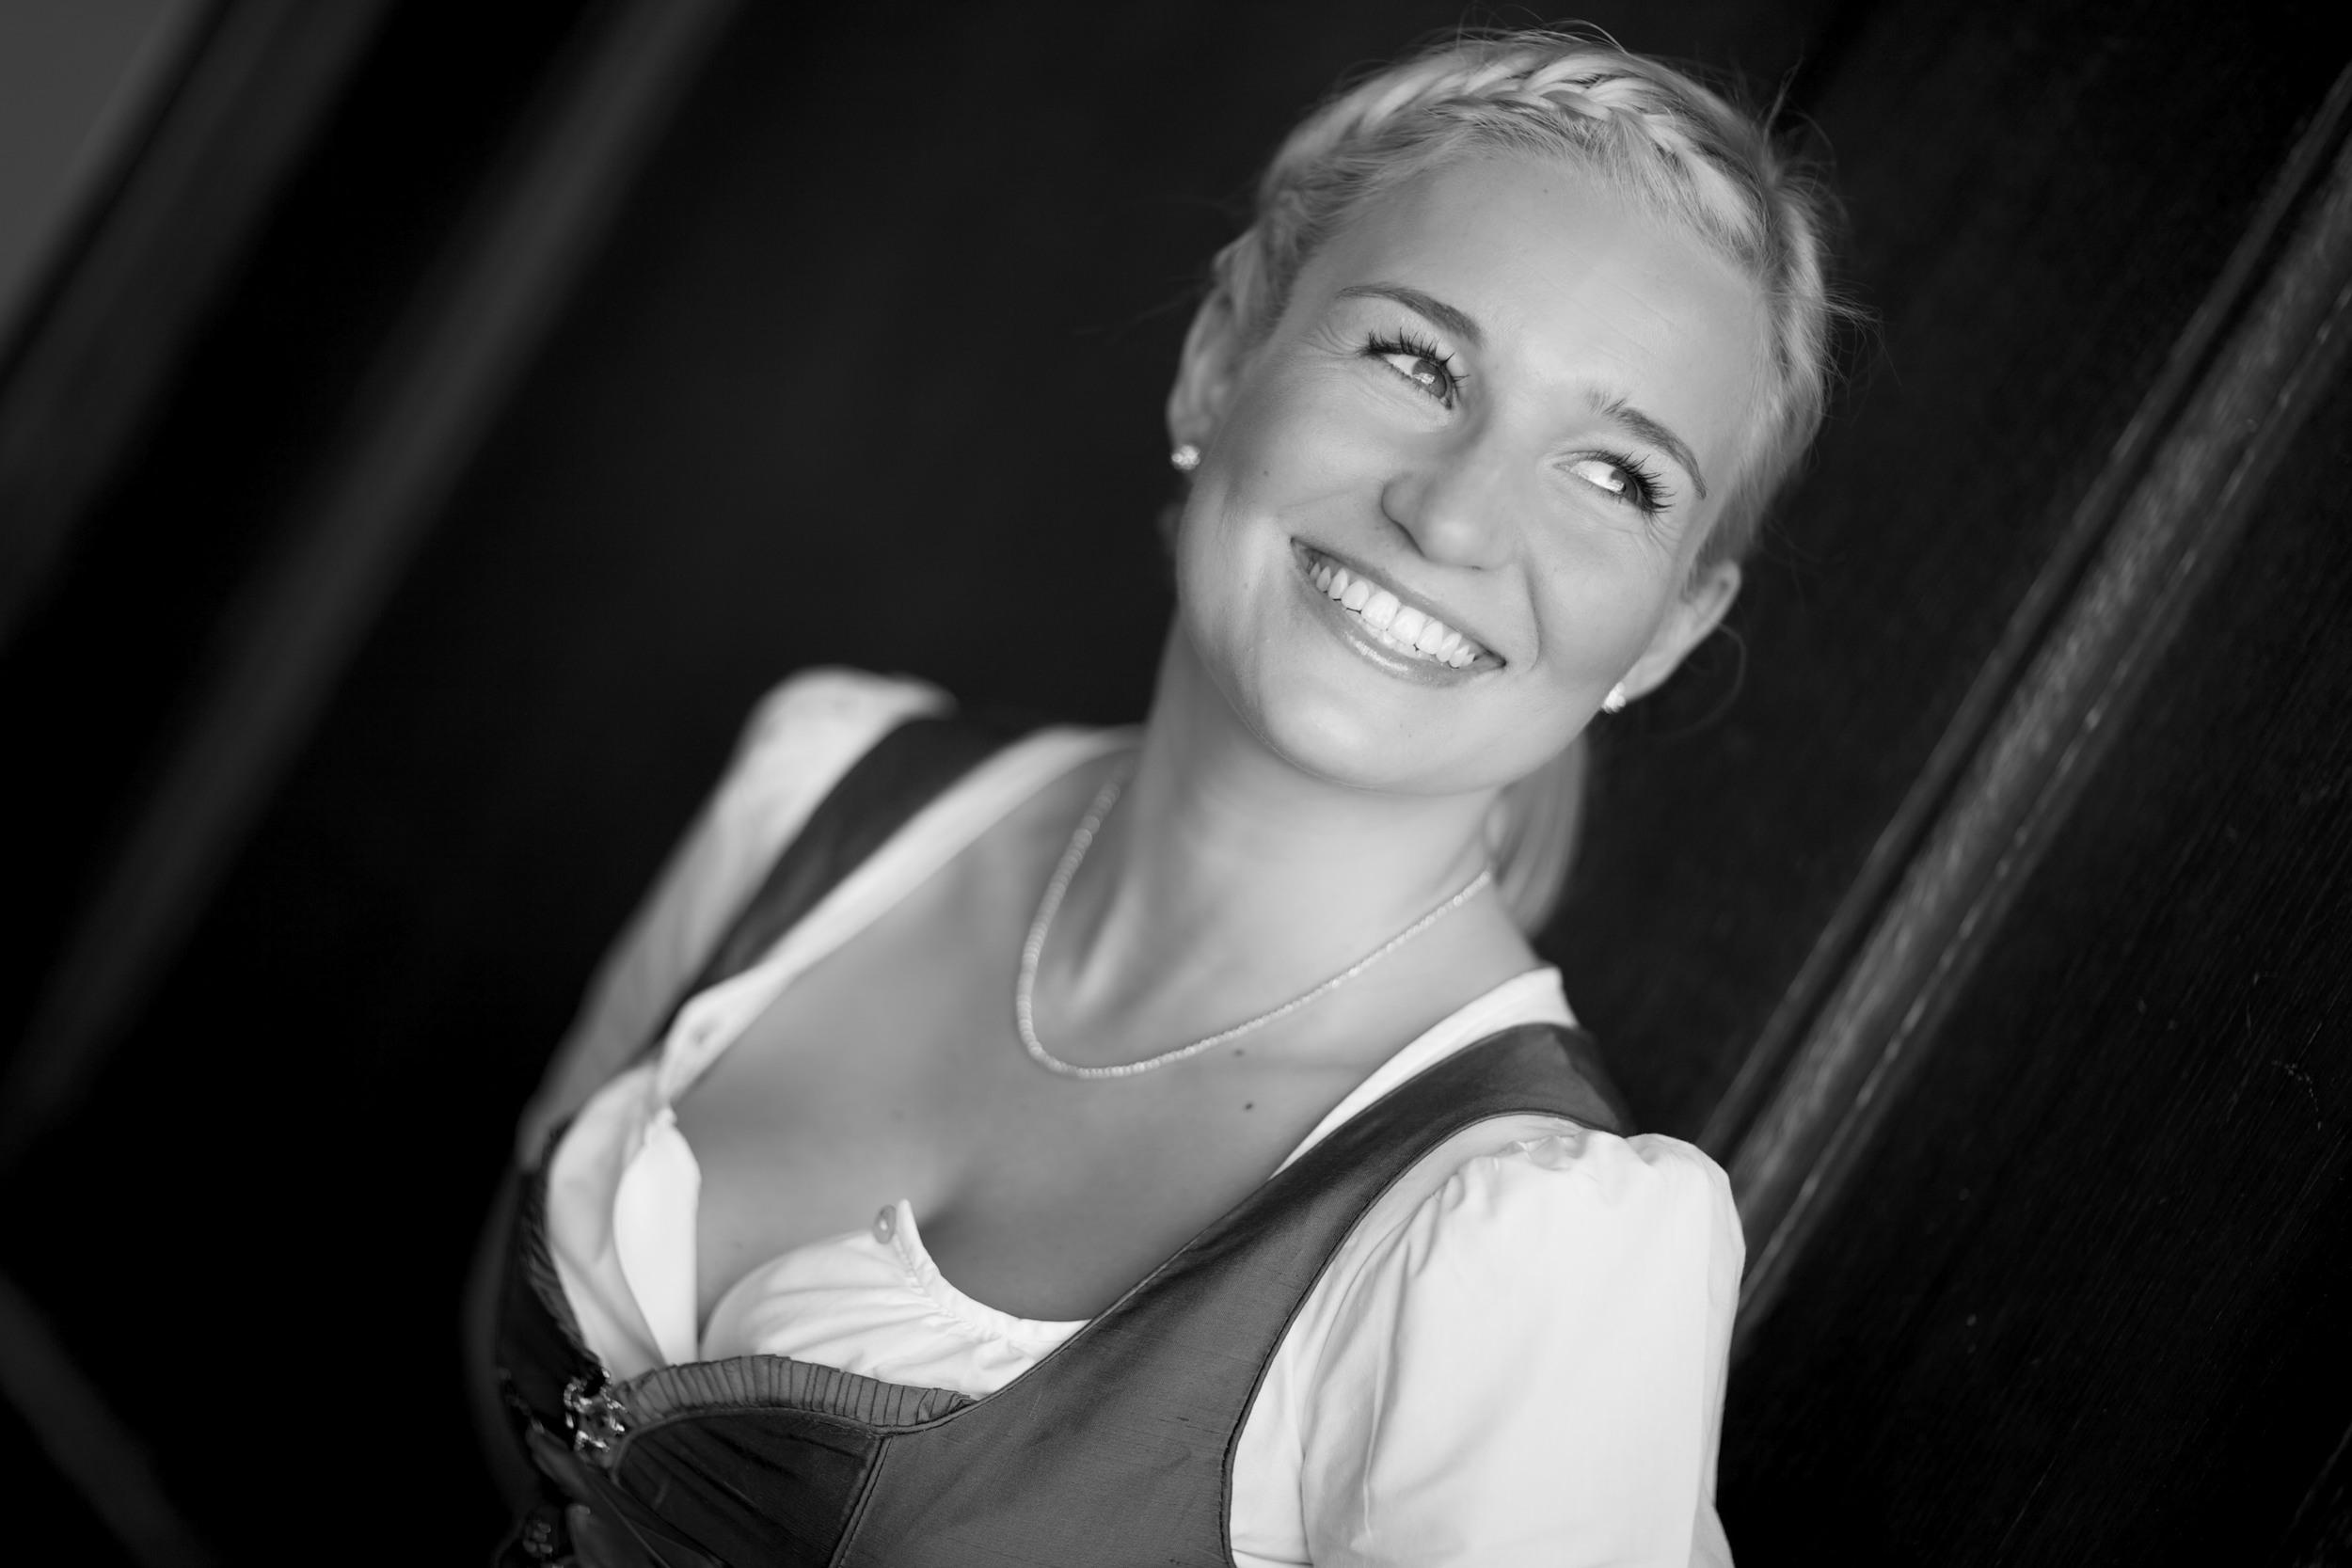 Fotograf Erding, Modefotograf Fotoshooting Fashionshooting, Beautyshooting, Fashionfotots und Breautyfotos in Landshut und München Gutschein für Frauen